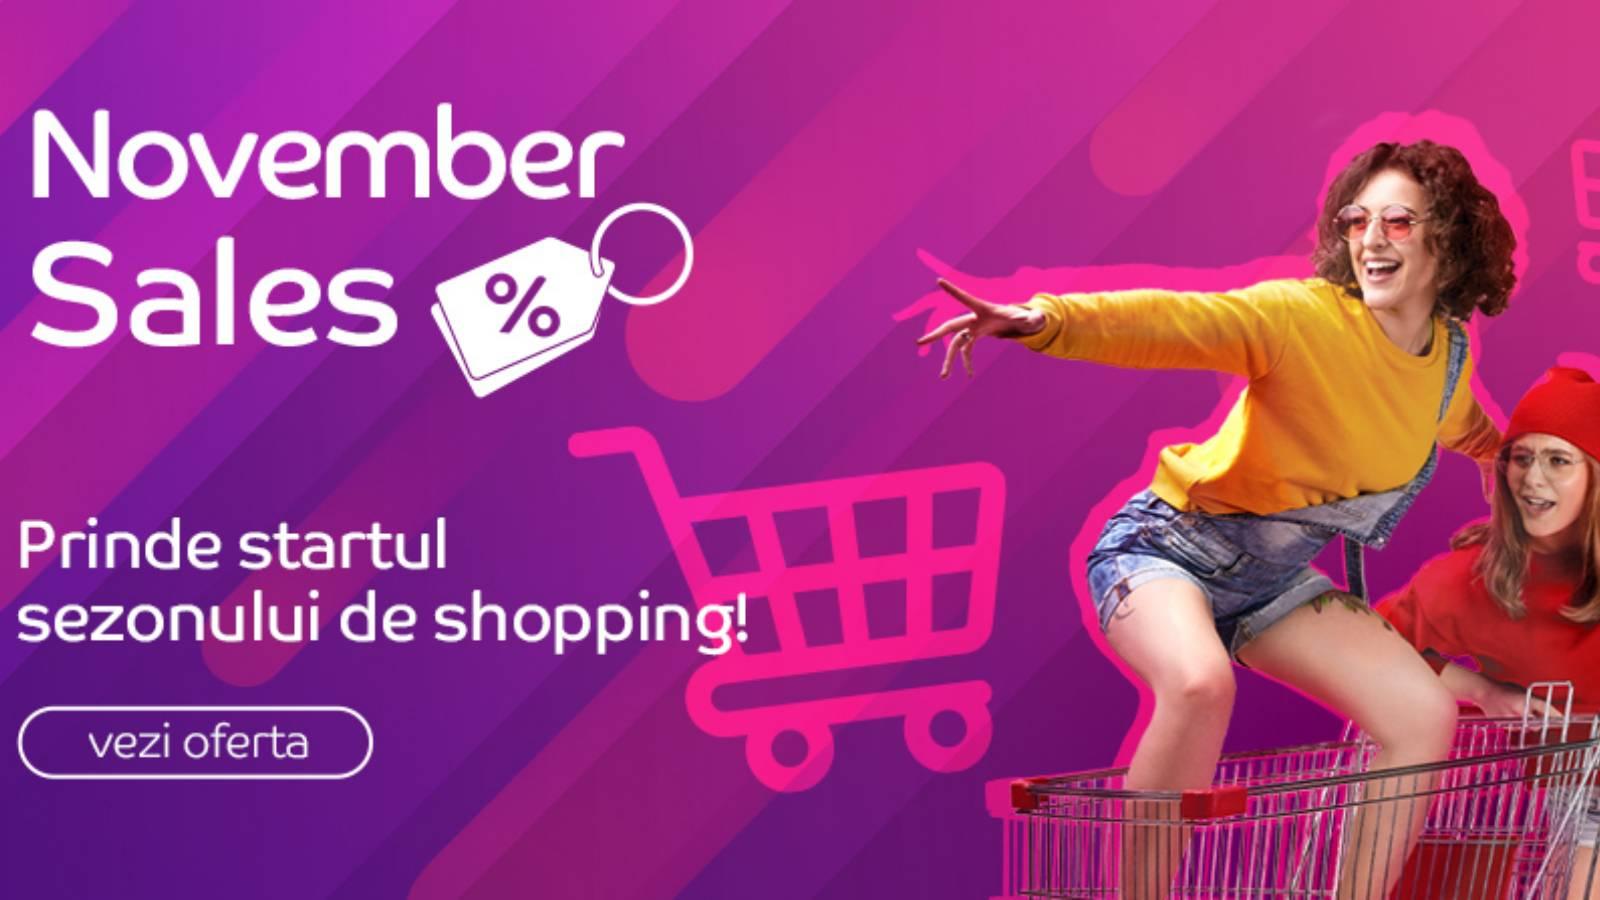 eMAG Novembers Sales